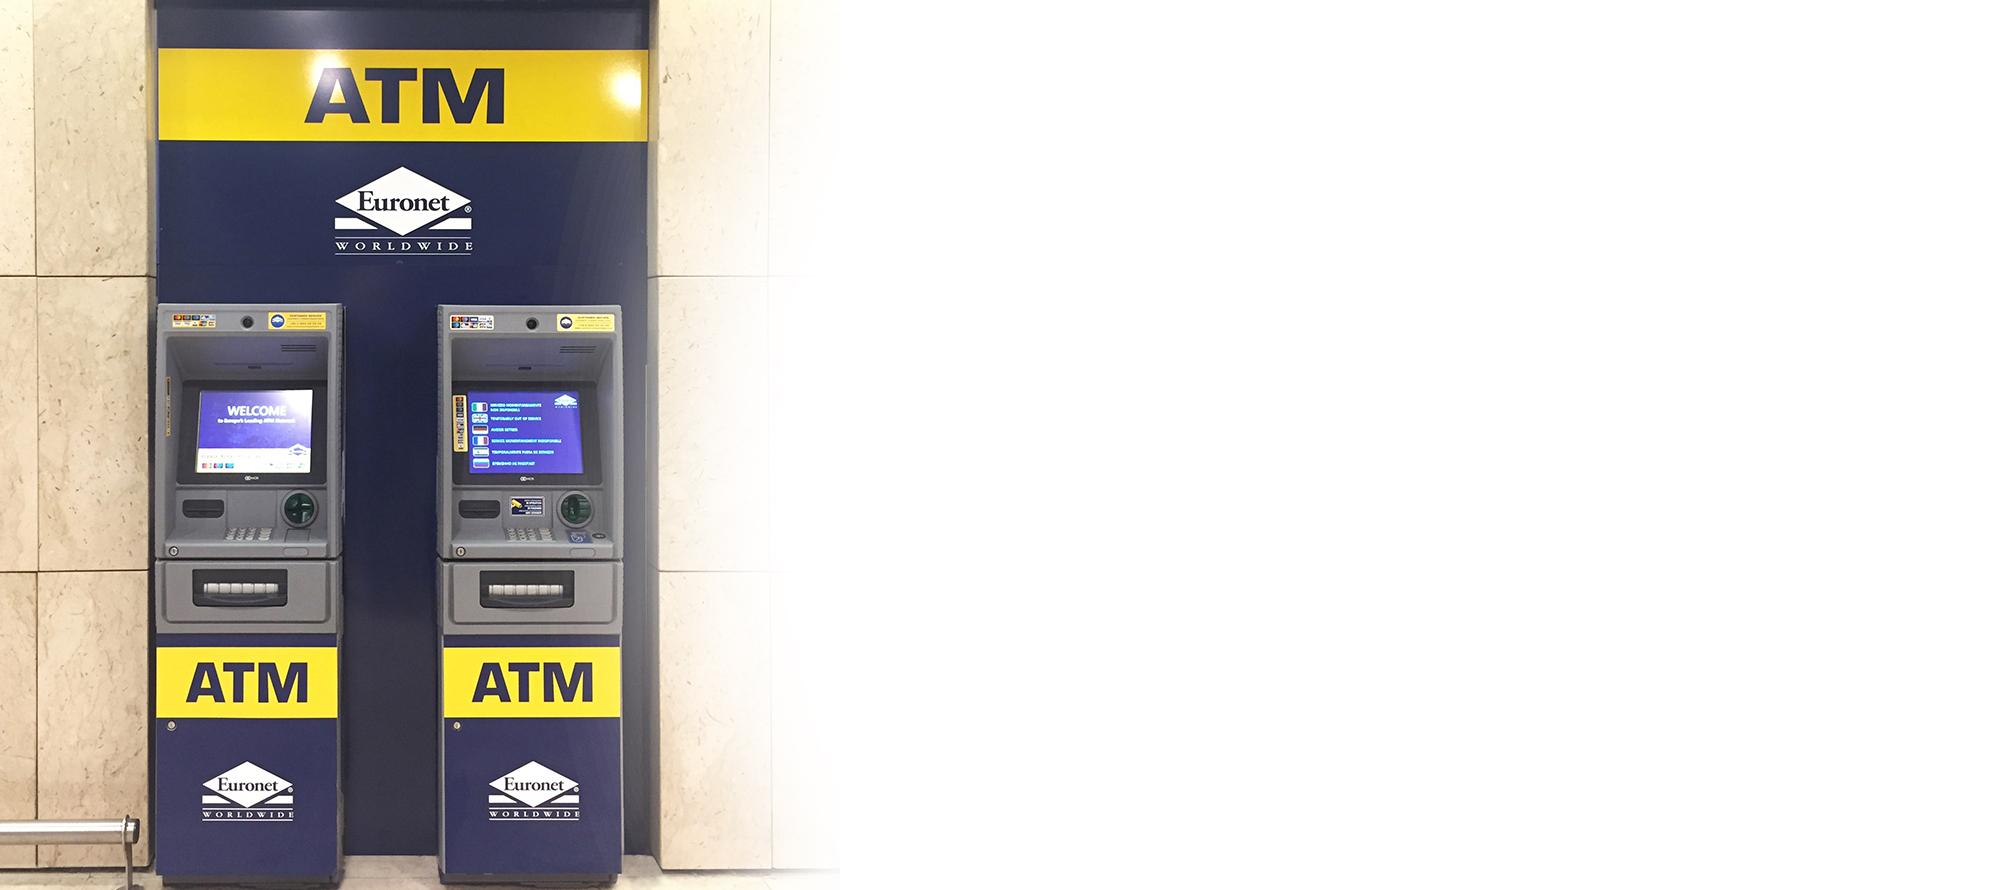 Scopri se la tua attività è adatta a ospitare un ATM Euronet con il nostro calcolatore di idoneità.